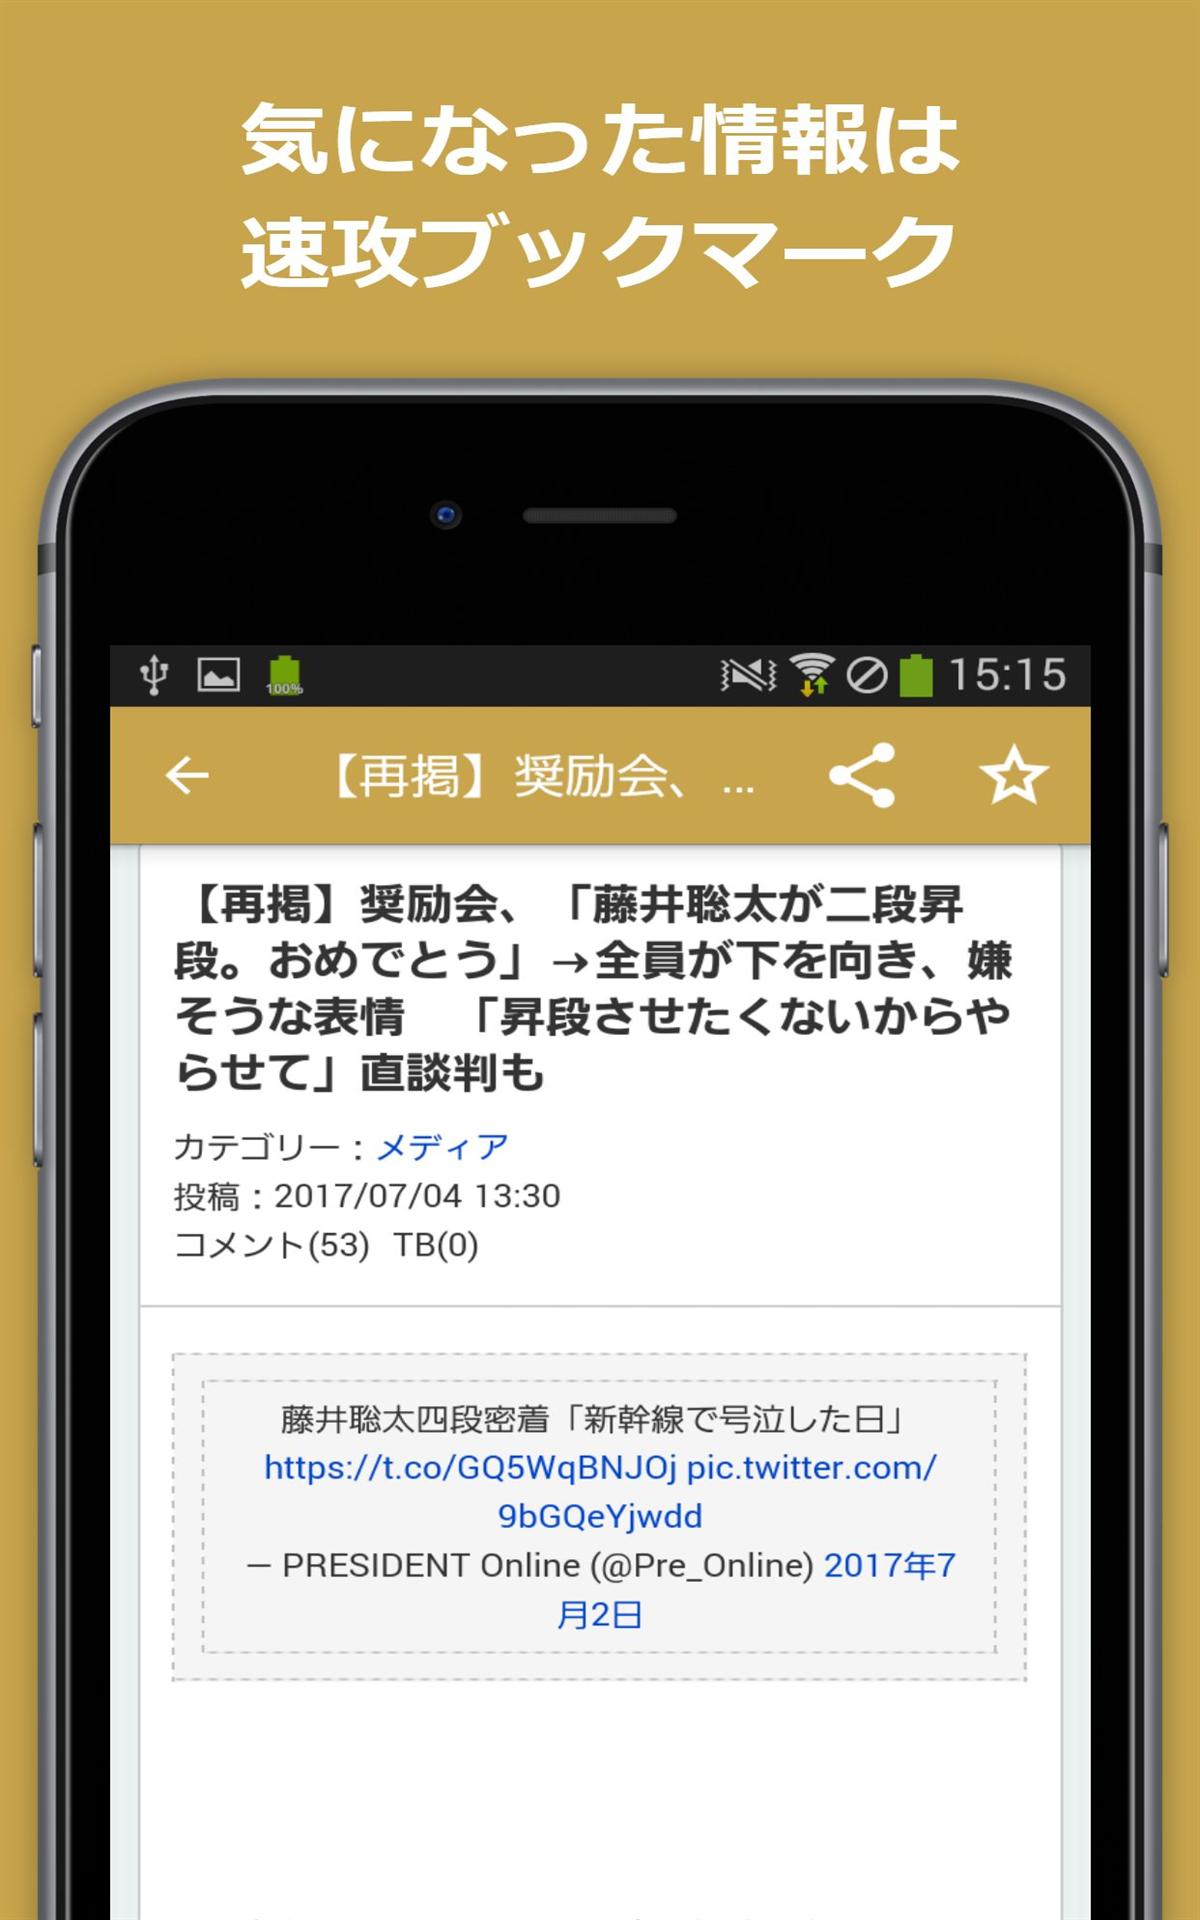 ツイッター 藤井 聡太 「藤井聡太」のTwitter検索結果